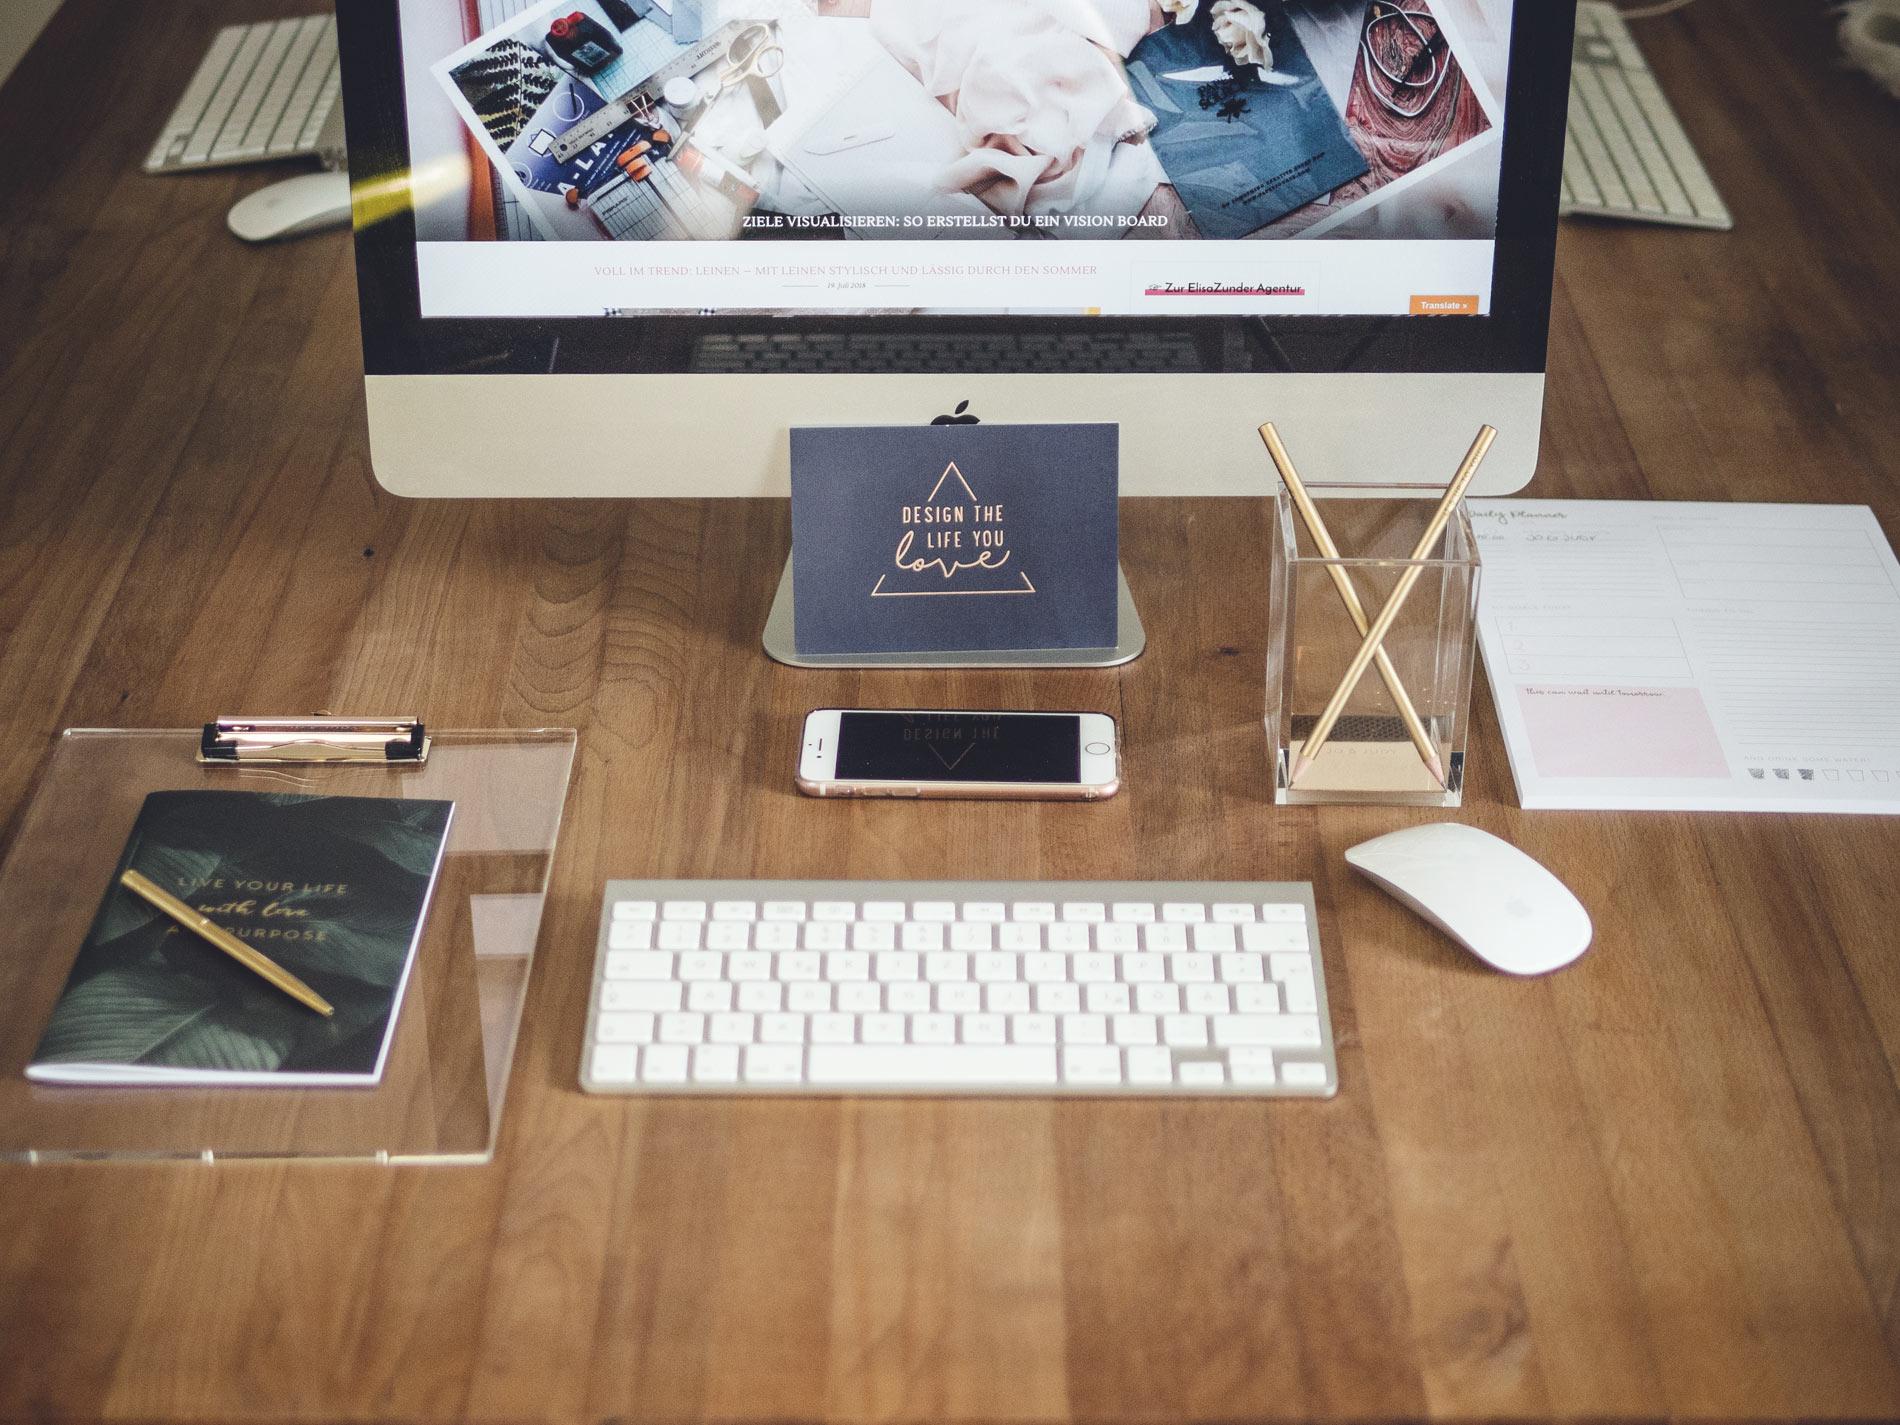 Stilvolle Büroaccessoires, Schreibtischzubehör, Blick auf meinen Schreibtisch, Schreibtisch einrichten, Inspiration für den Schreibtisch, Einrichtung Home Office, Home Office einrichten, Office Collection, Werbung sponsored Post,